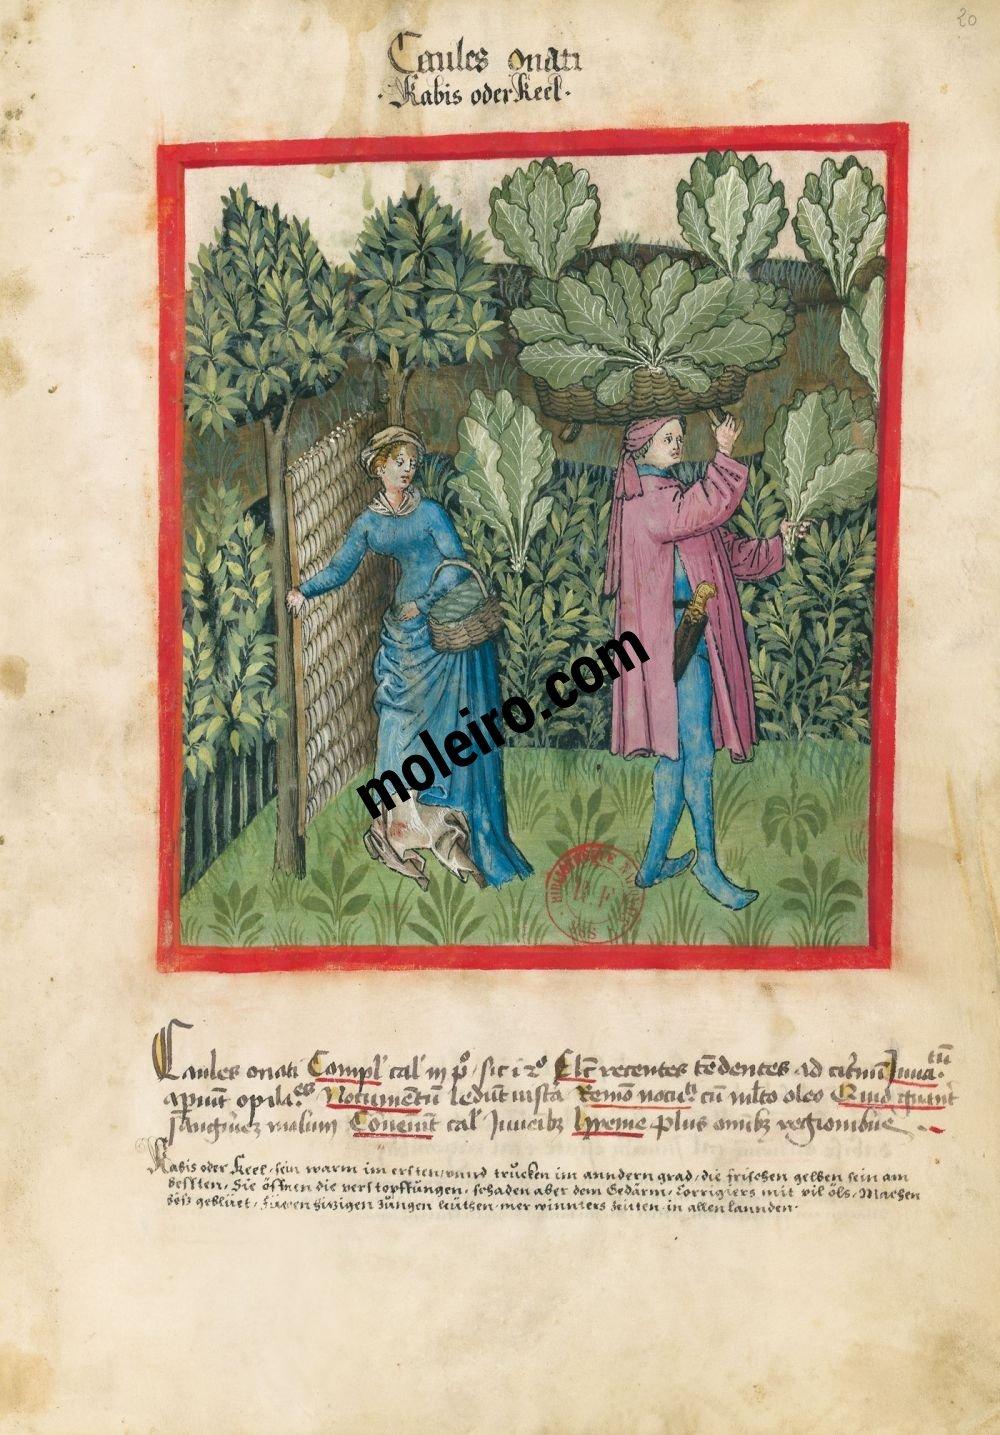 Coles Folio 20r en el Tacuinum Sanitatis - Ms. Lat 9333  (XV, Renania) Bibliothèque nationale de France, París tratado medicina edad media